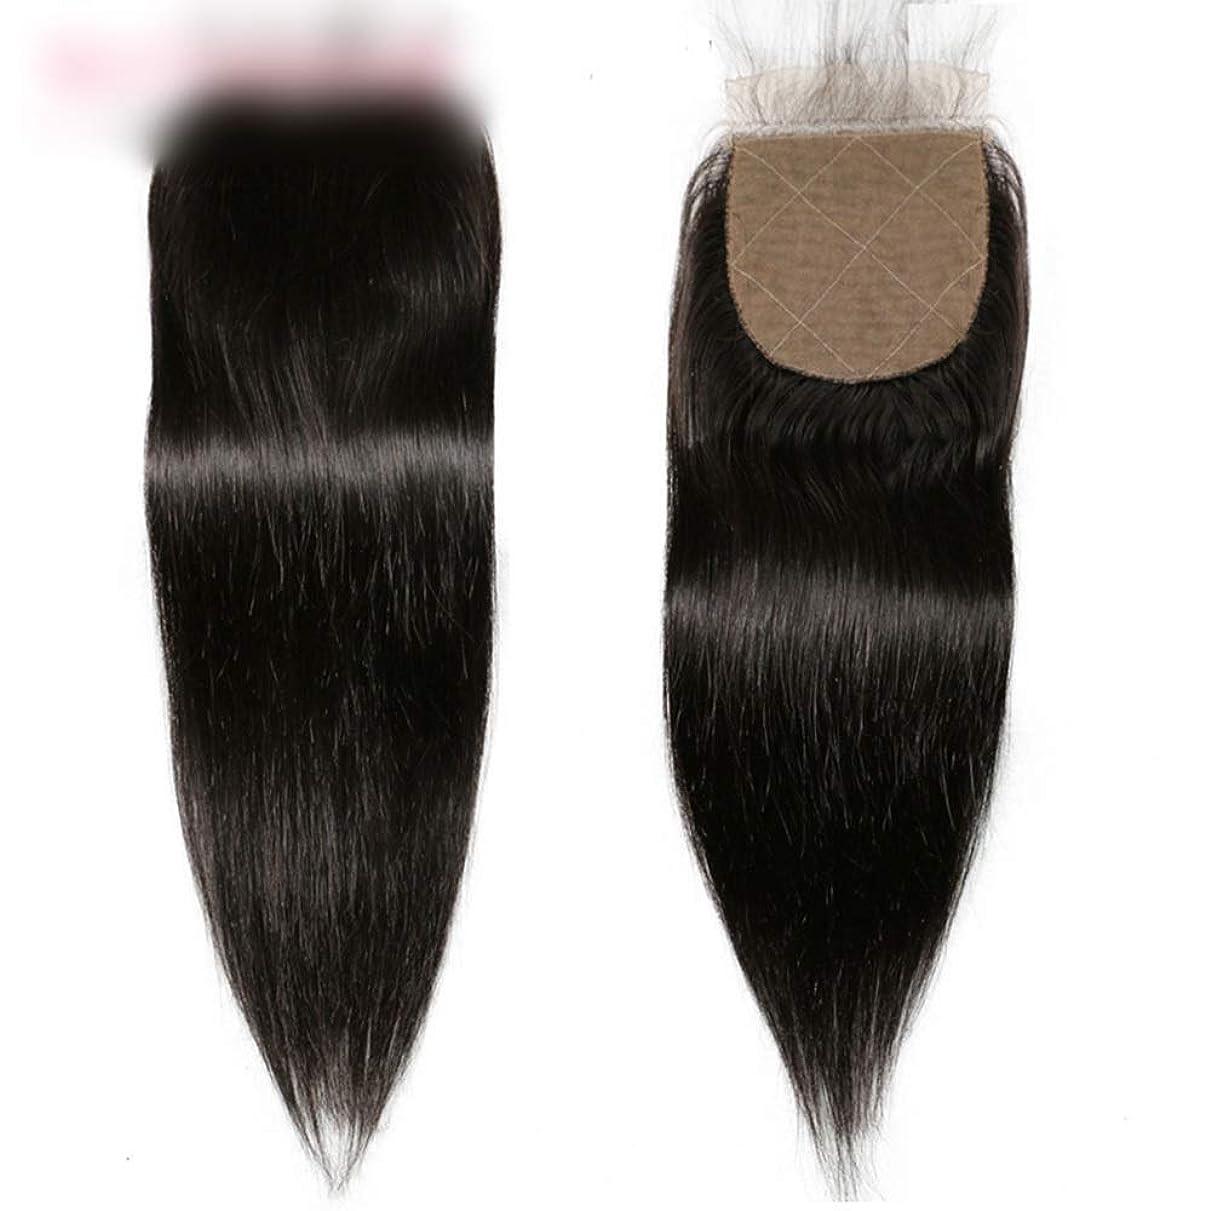 しなければならない悪夢エトナ山BOBIDYEE ブラジルのストレートの髪の束と閉鎖未処理の人間の髪の毛のレースの閉鎖ナチュラルカラーの髪の合成毛髪のレースのかつらロールプレイングウィッグロングとショートの女性自然 (色 : 黒, サイズ : 12 inch)